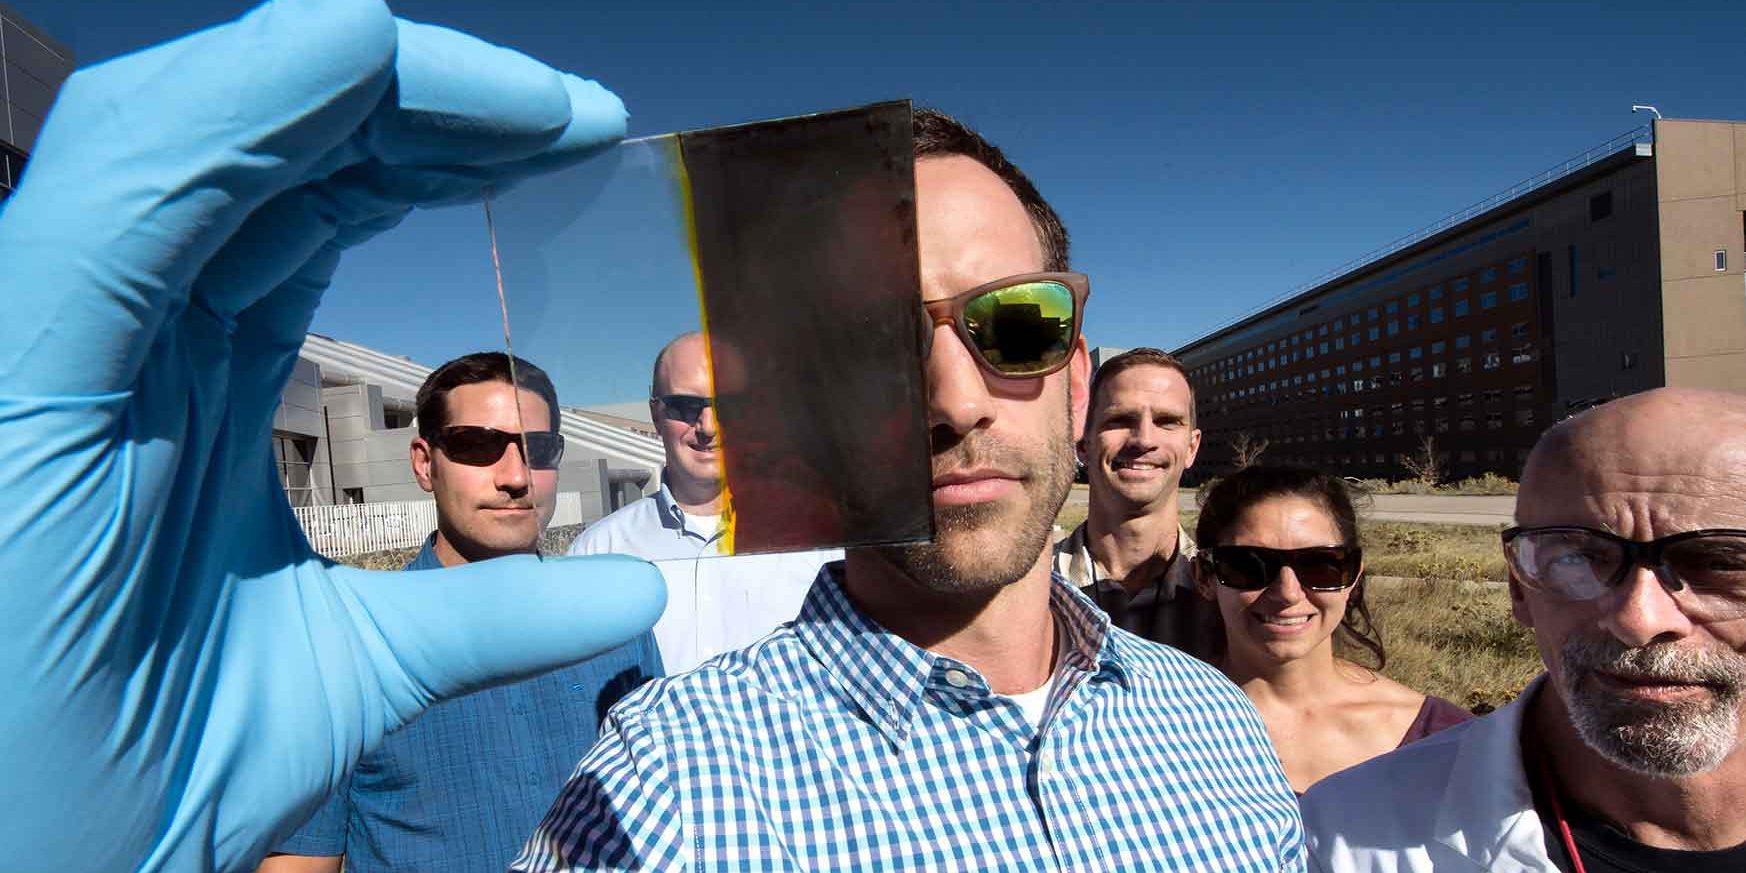 КПД частично прозрачных окон с солнечными батареями превысил 11%